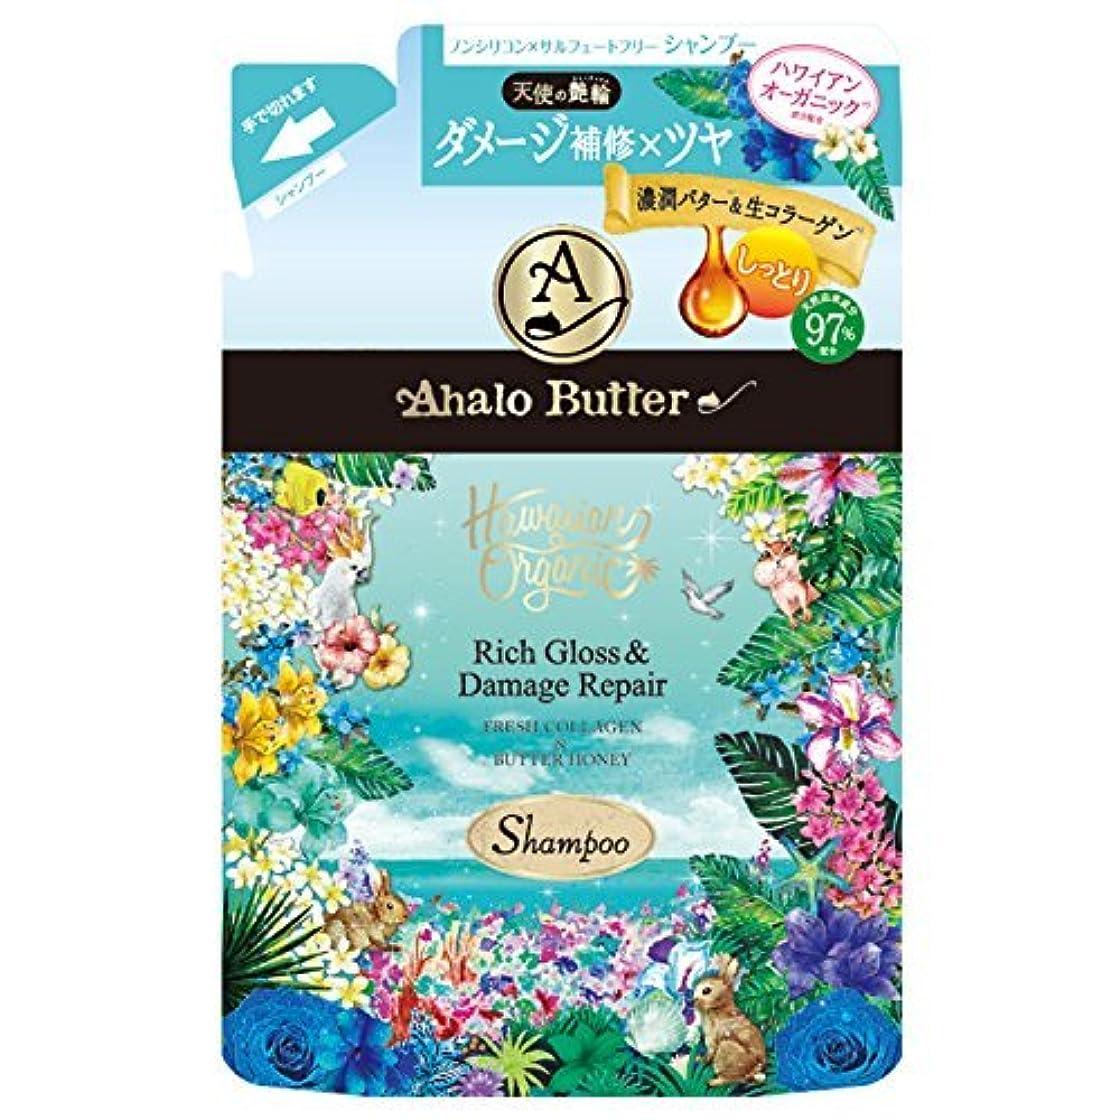 トレイ余計な霜Ahalo butter(アハロバター) ハワイアンオーガニック リッチグロス&ダメージリペア モイストシャンプー / 詰め替え / 400ml